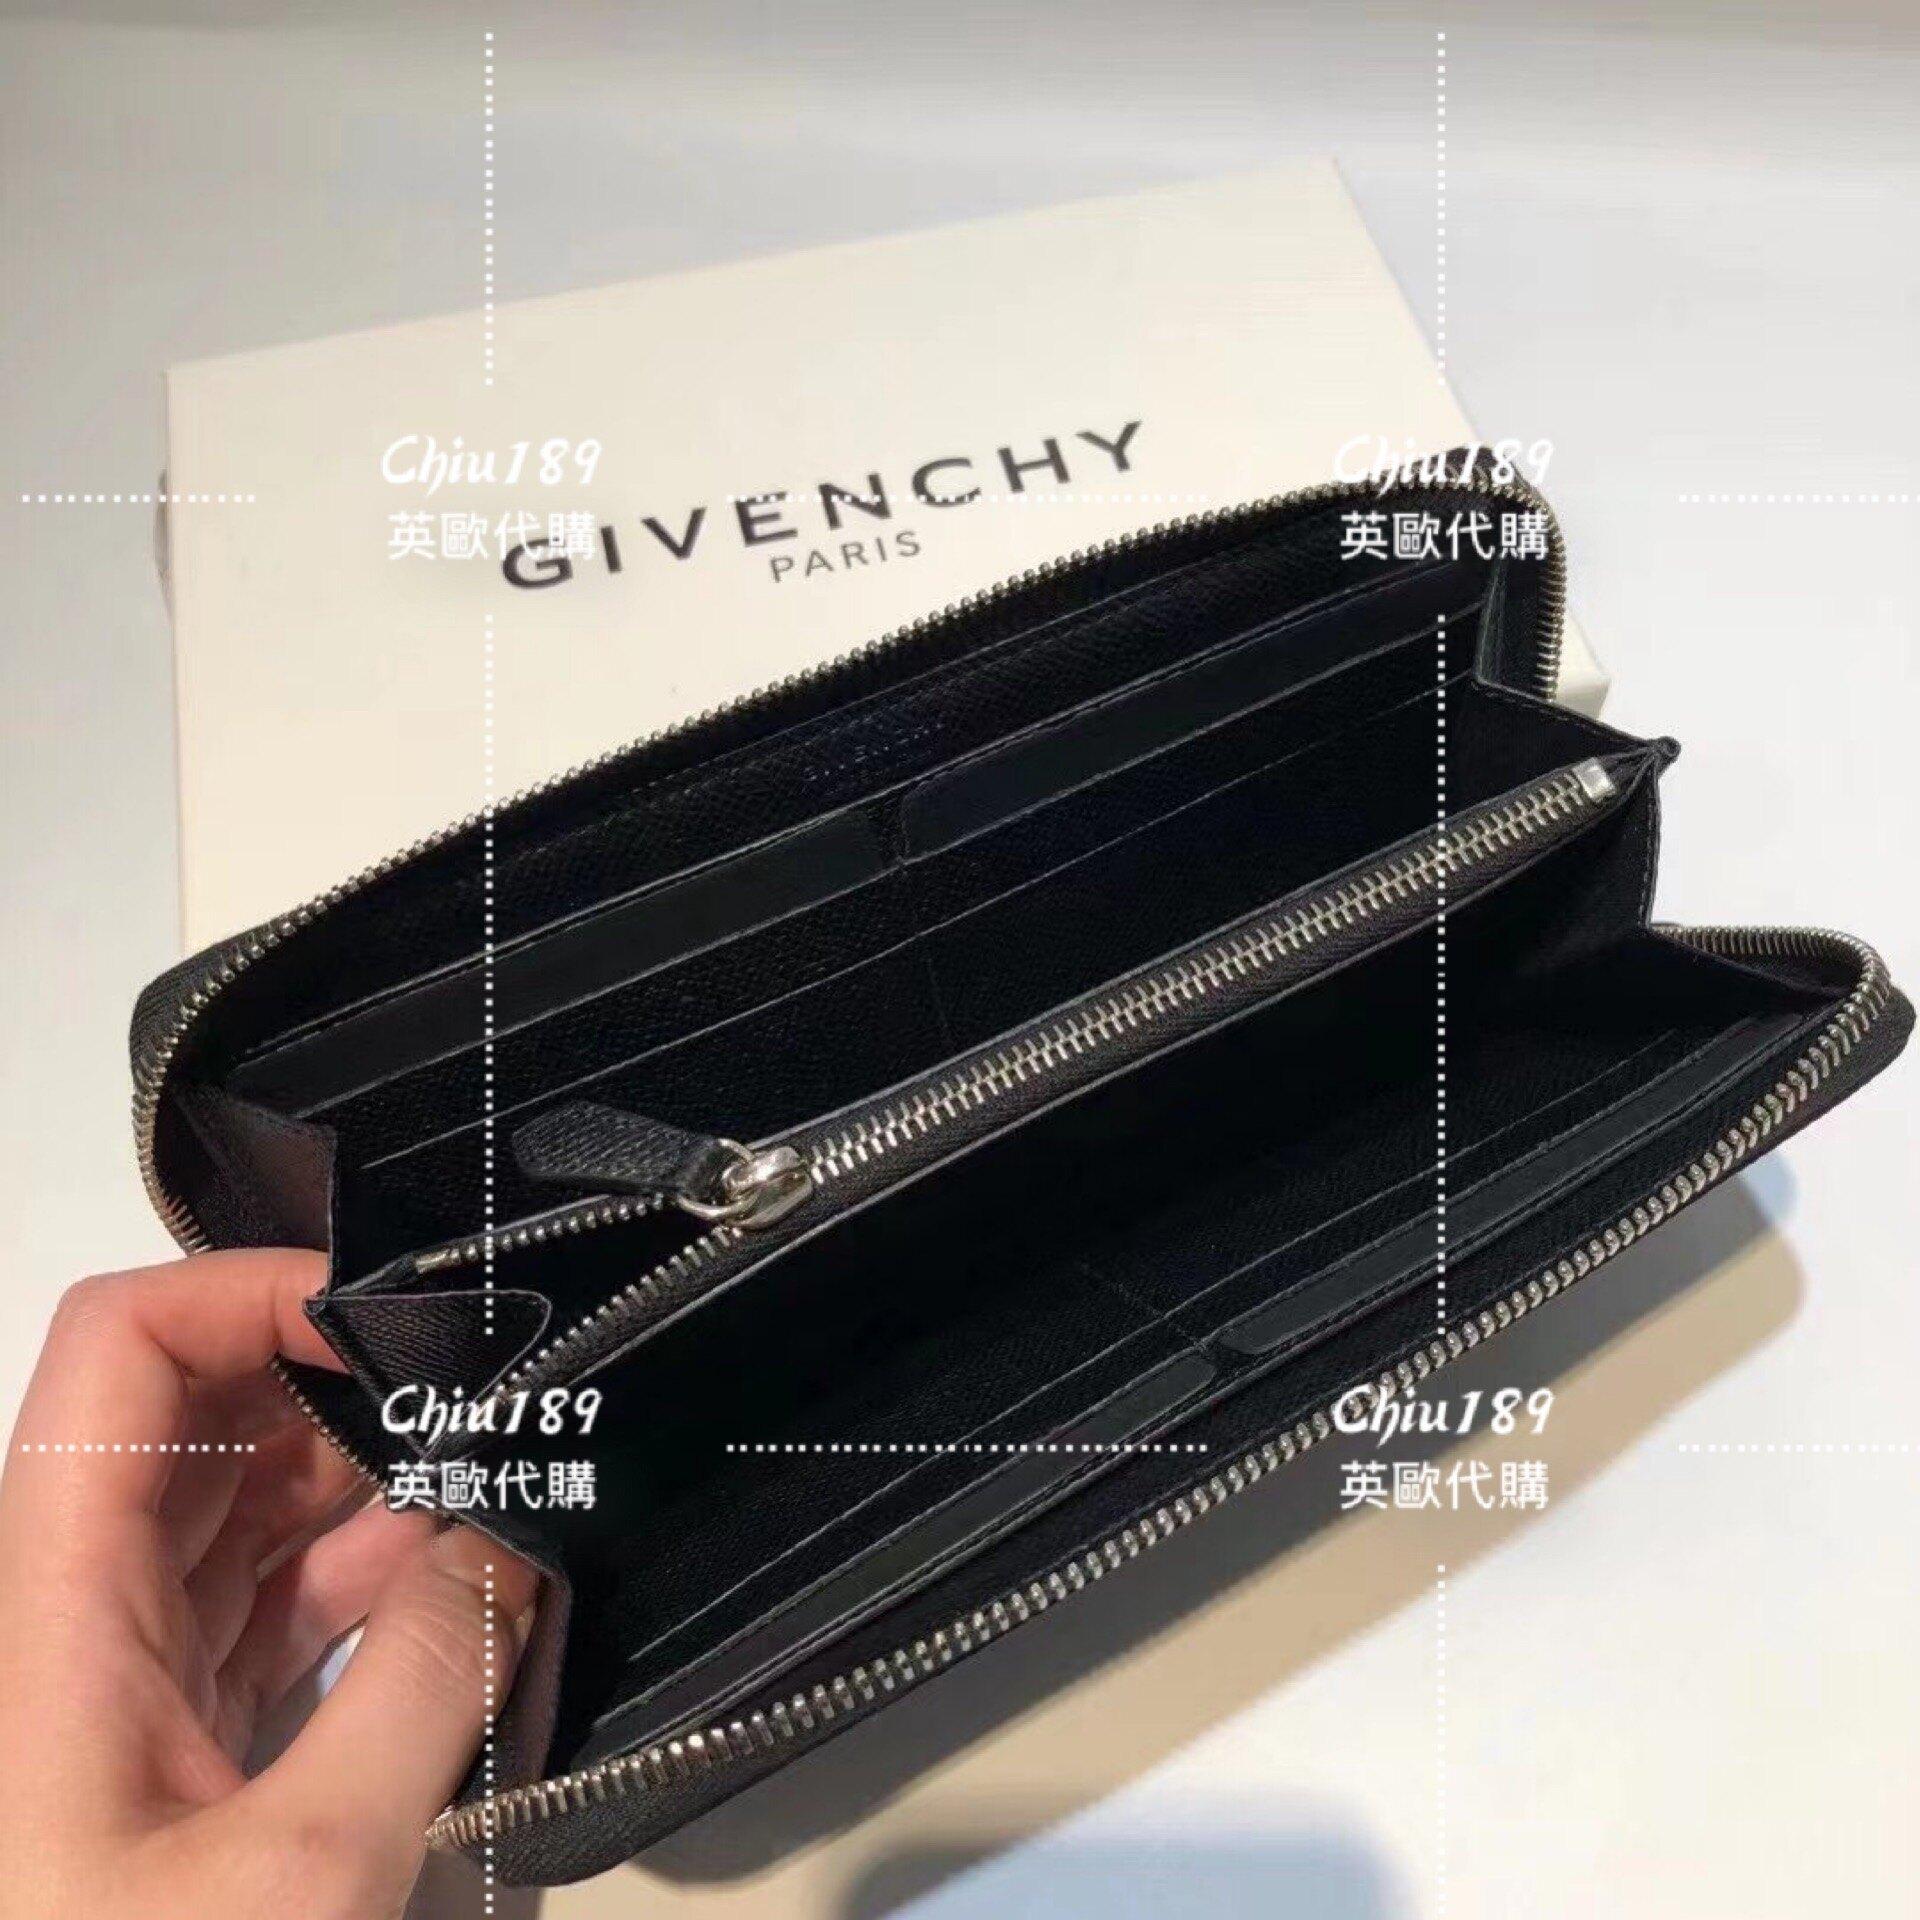 限時 滿3千賺10%點數↘   【Chiu189英歐代購】Givenchy 紀梵希 皮革 拉鍊長夾 17 黑